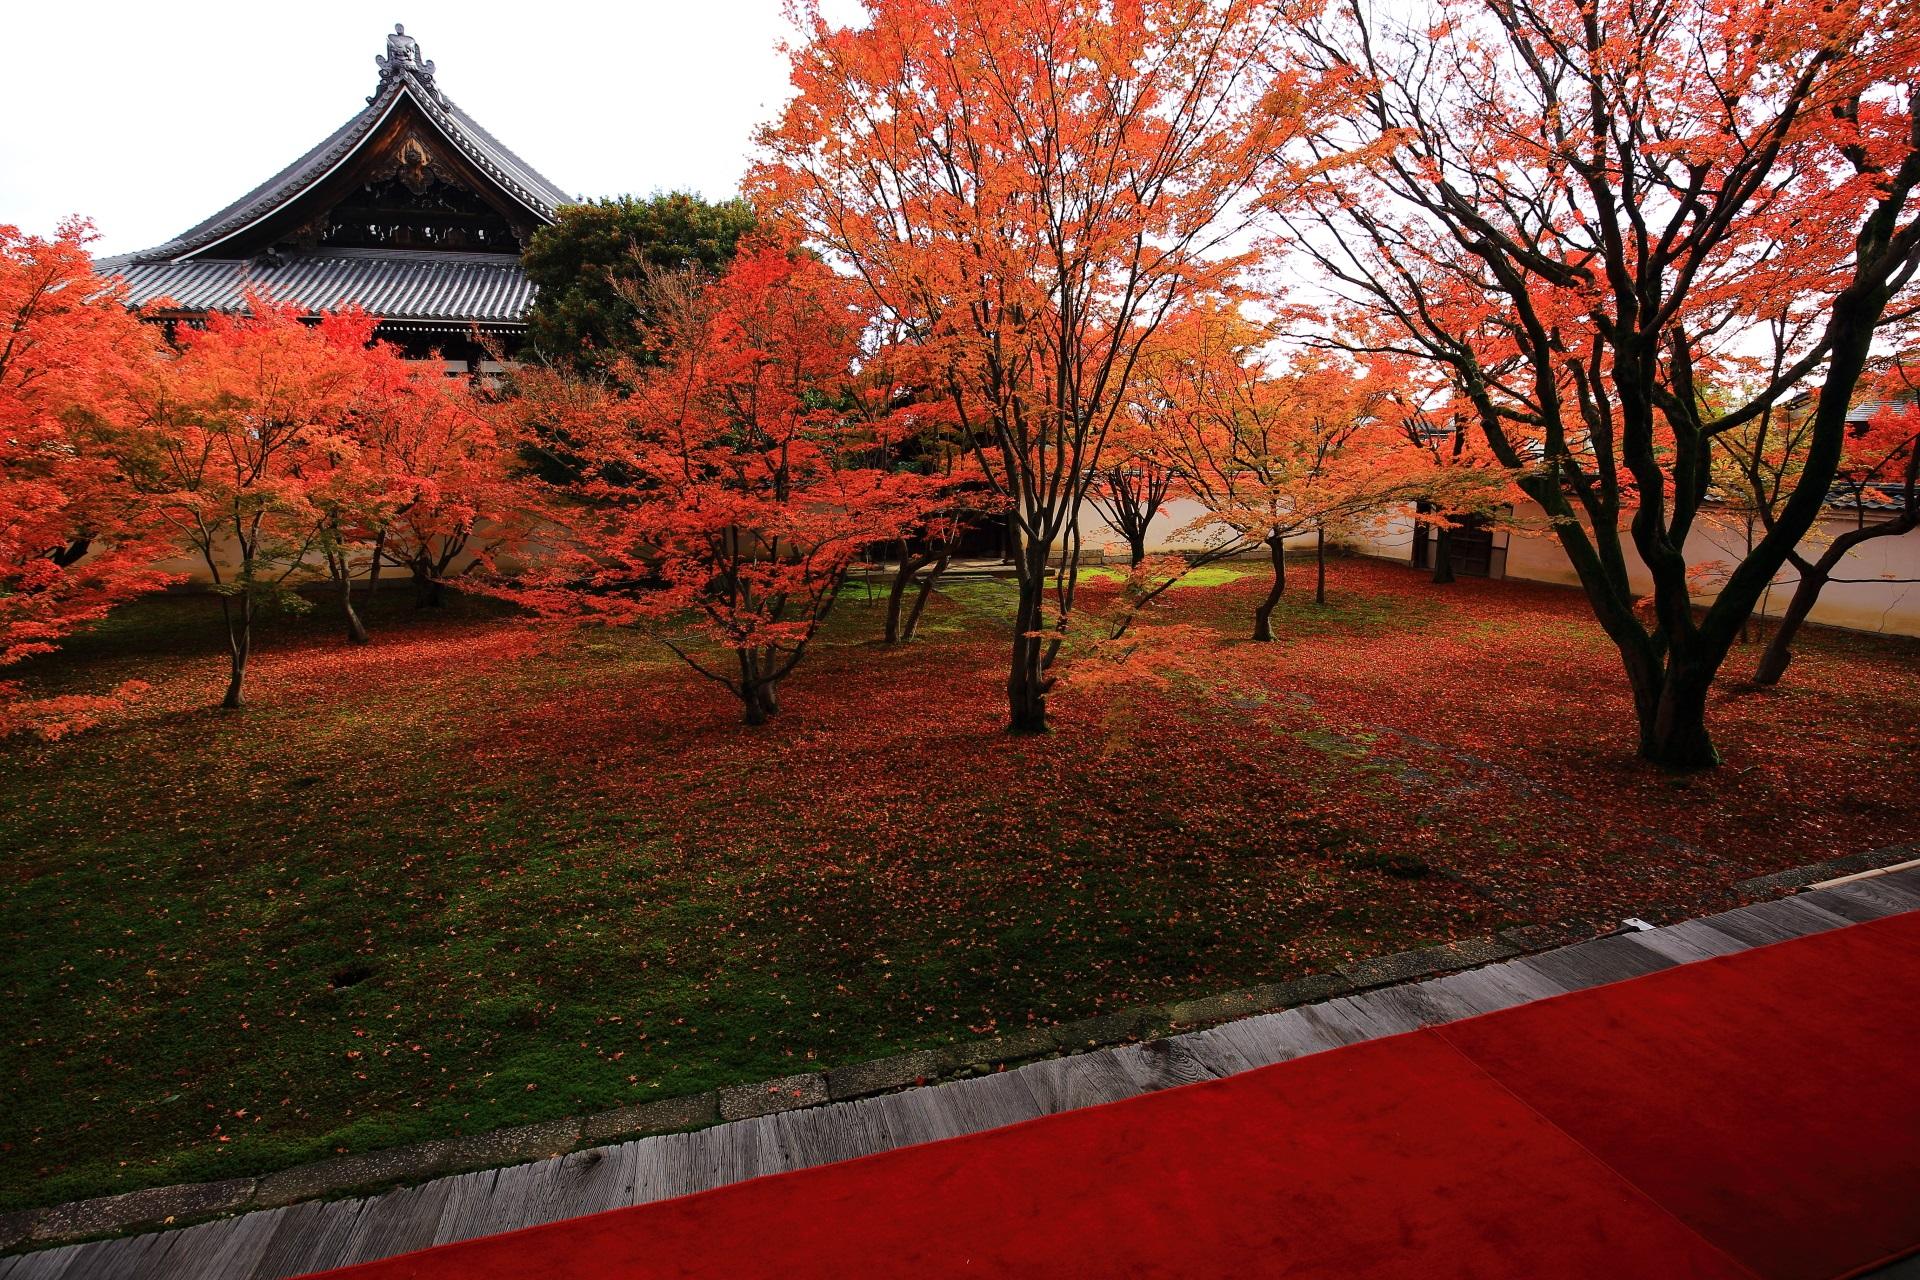 妙覚寺の紅葉で溢れる庭園を演出する赤い絨毯